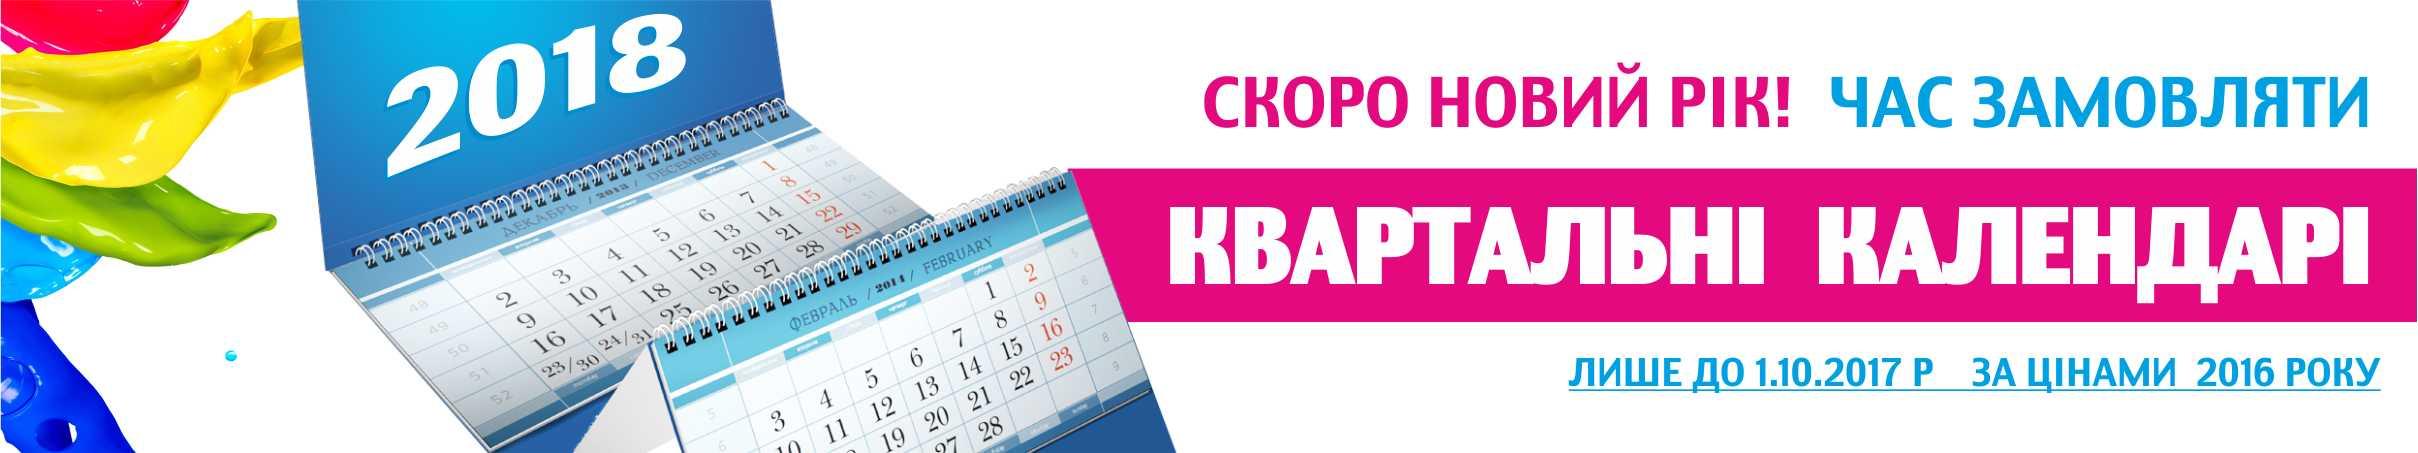 банер на сайт_квартльні календарі